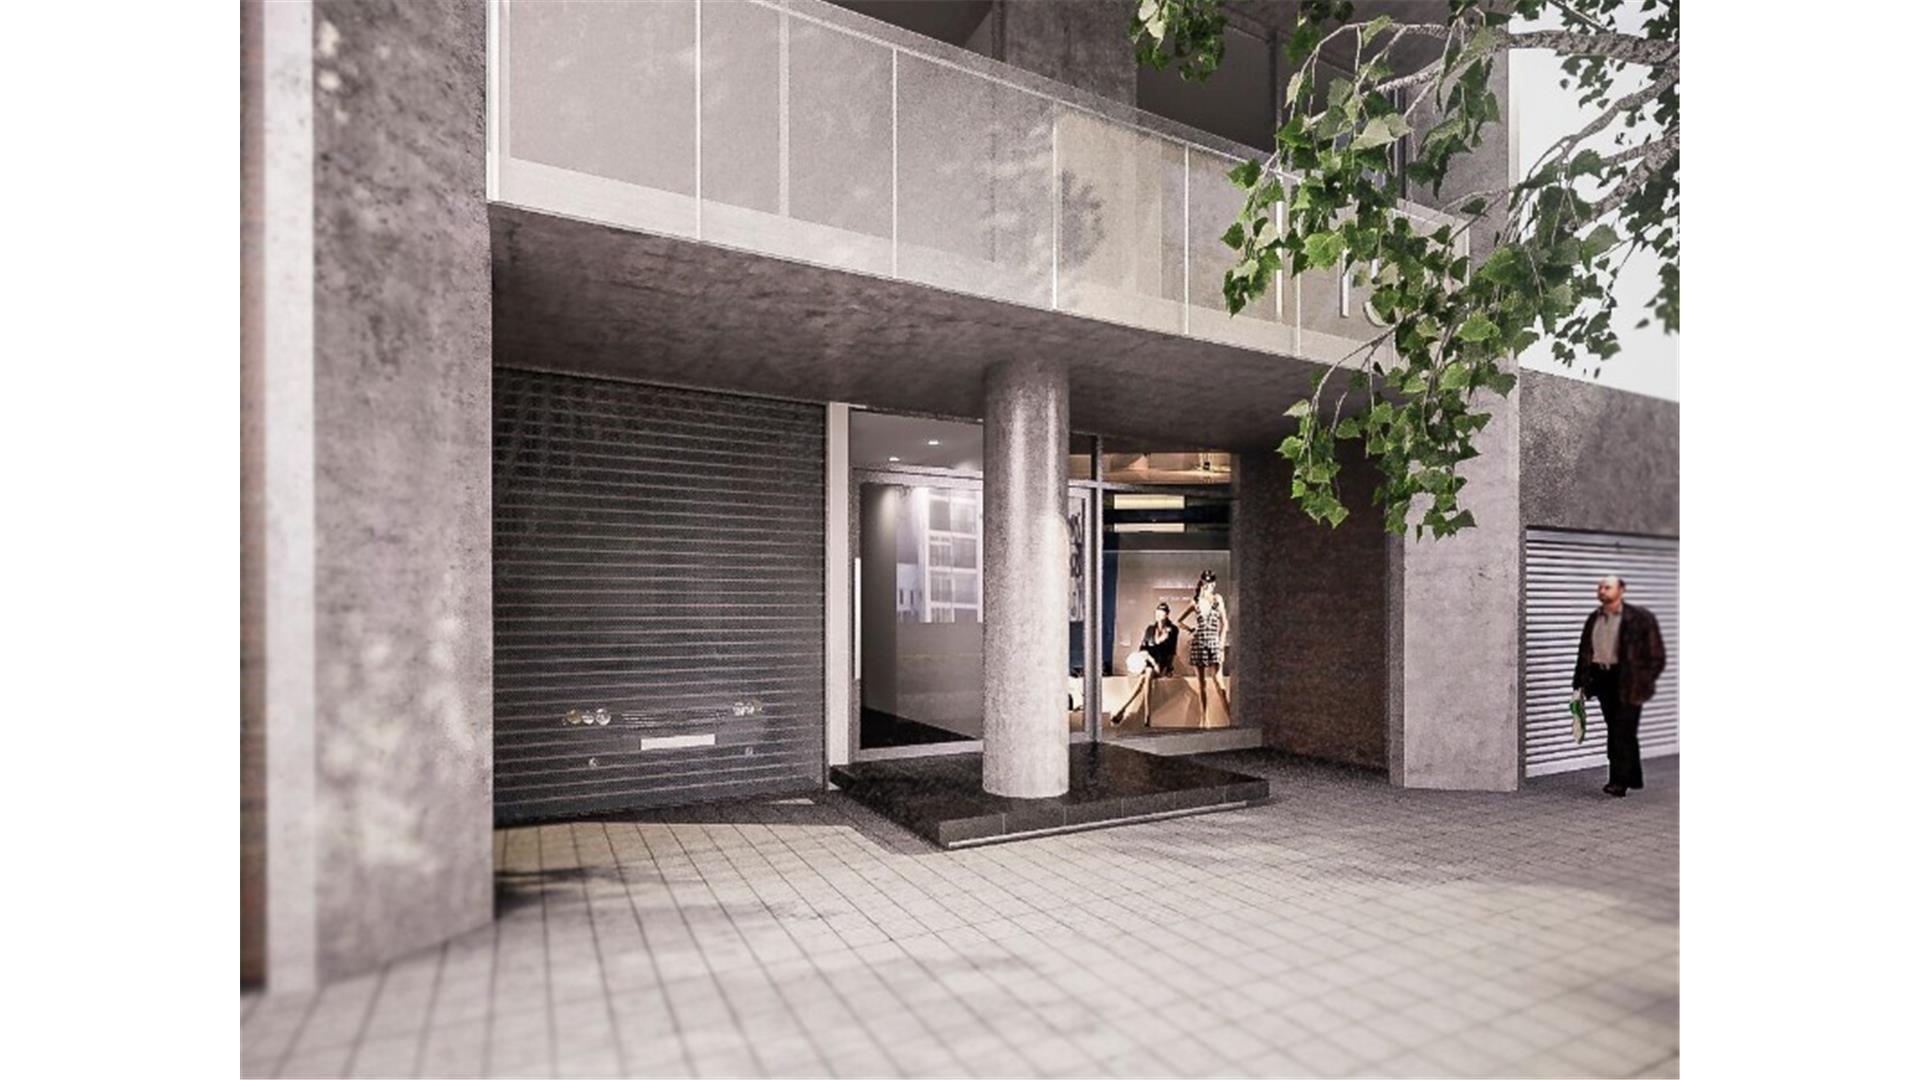 1 Dormitorio balcon fte y cfte Entrega Entrega Dic/18